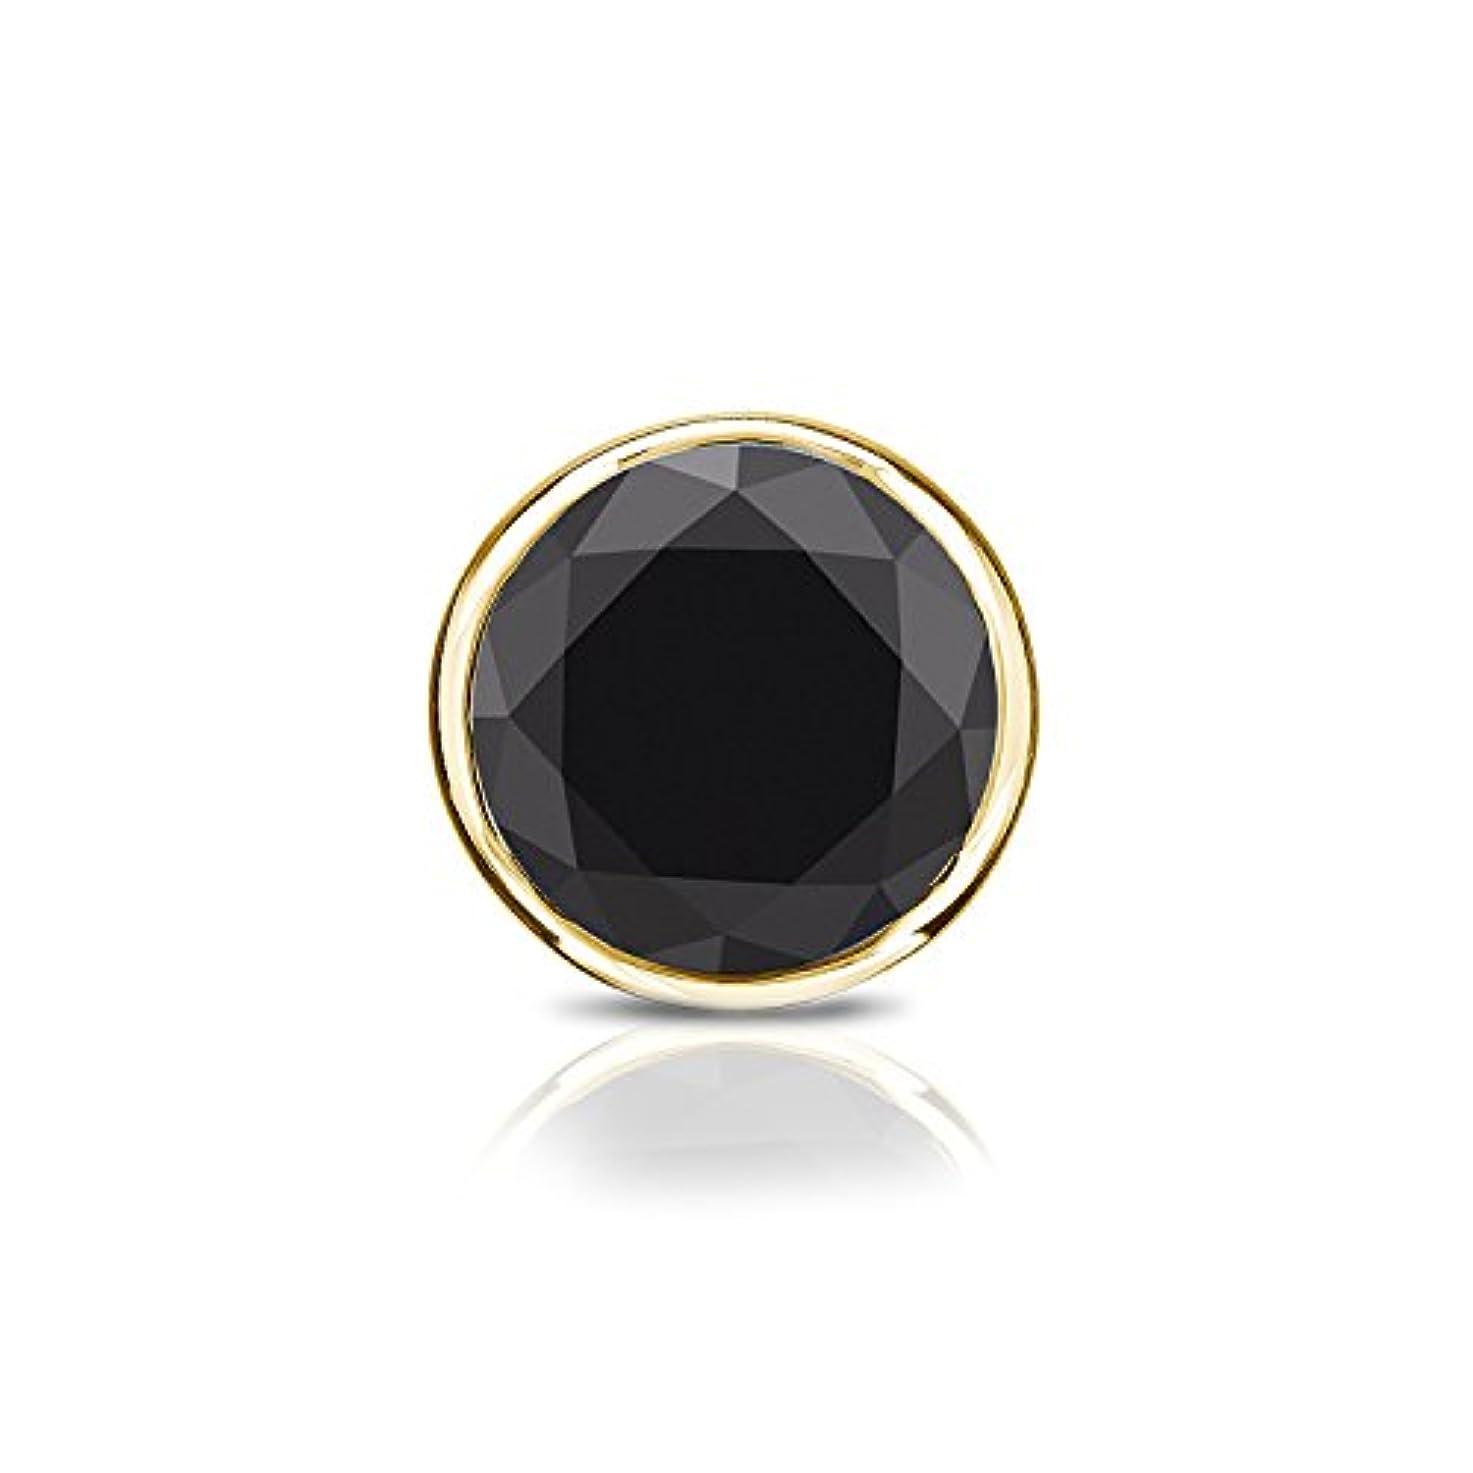 シフト唇拍手する14 Kイエローゴールドbezel-setラウンドブラックダイヤモンドメンズシングルスタッドイヤリング( 1 / 4 – 2 ct、ブラック) push-back